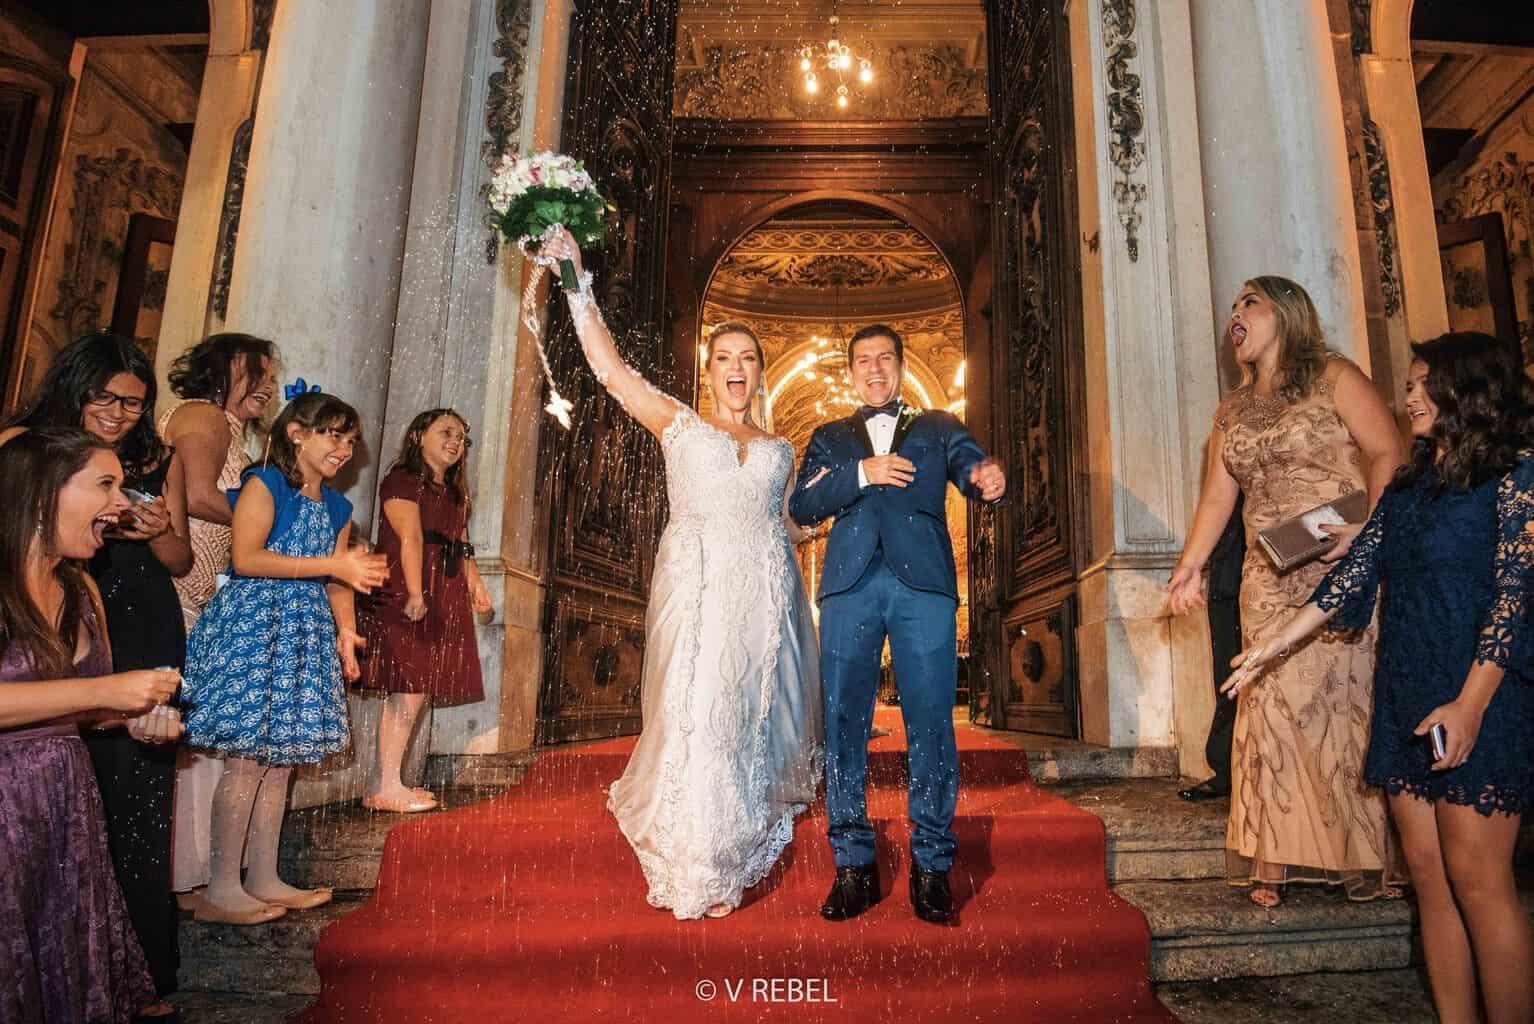 casamento-Caroline-e-Breno-casamento-clássico-cerimonia-na-igreja-fotografia-VRebel51